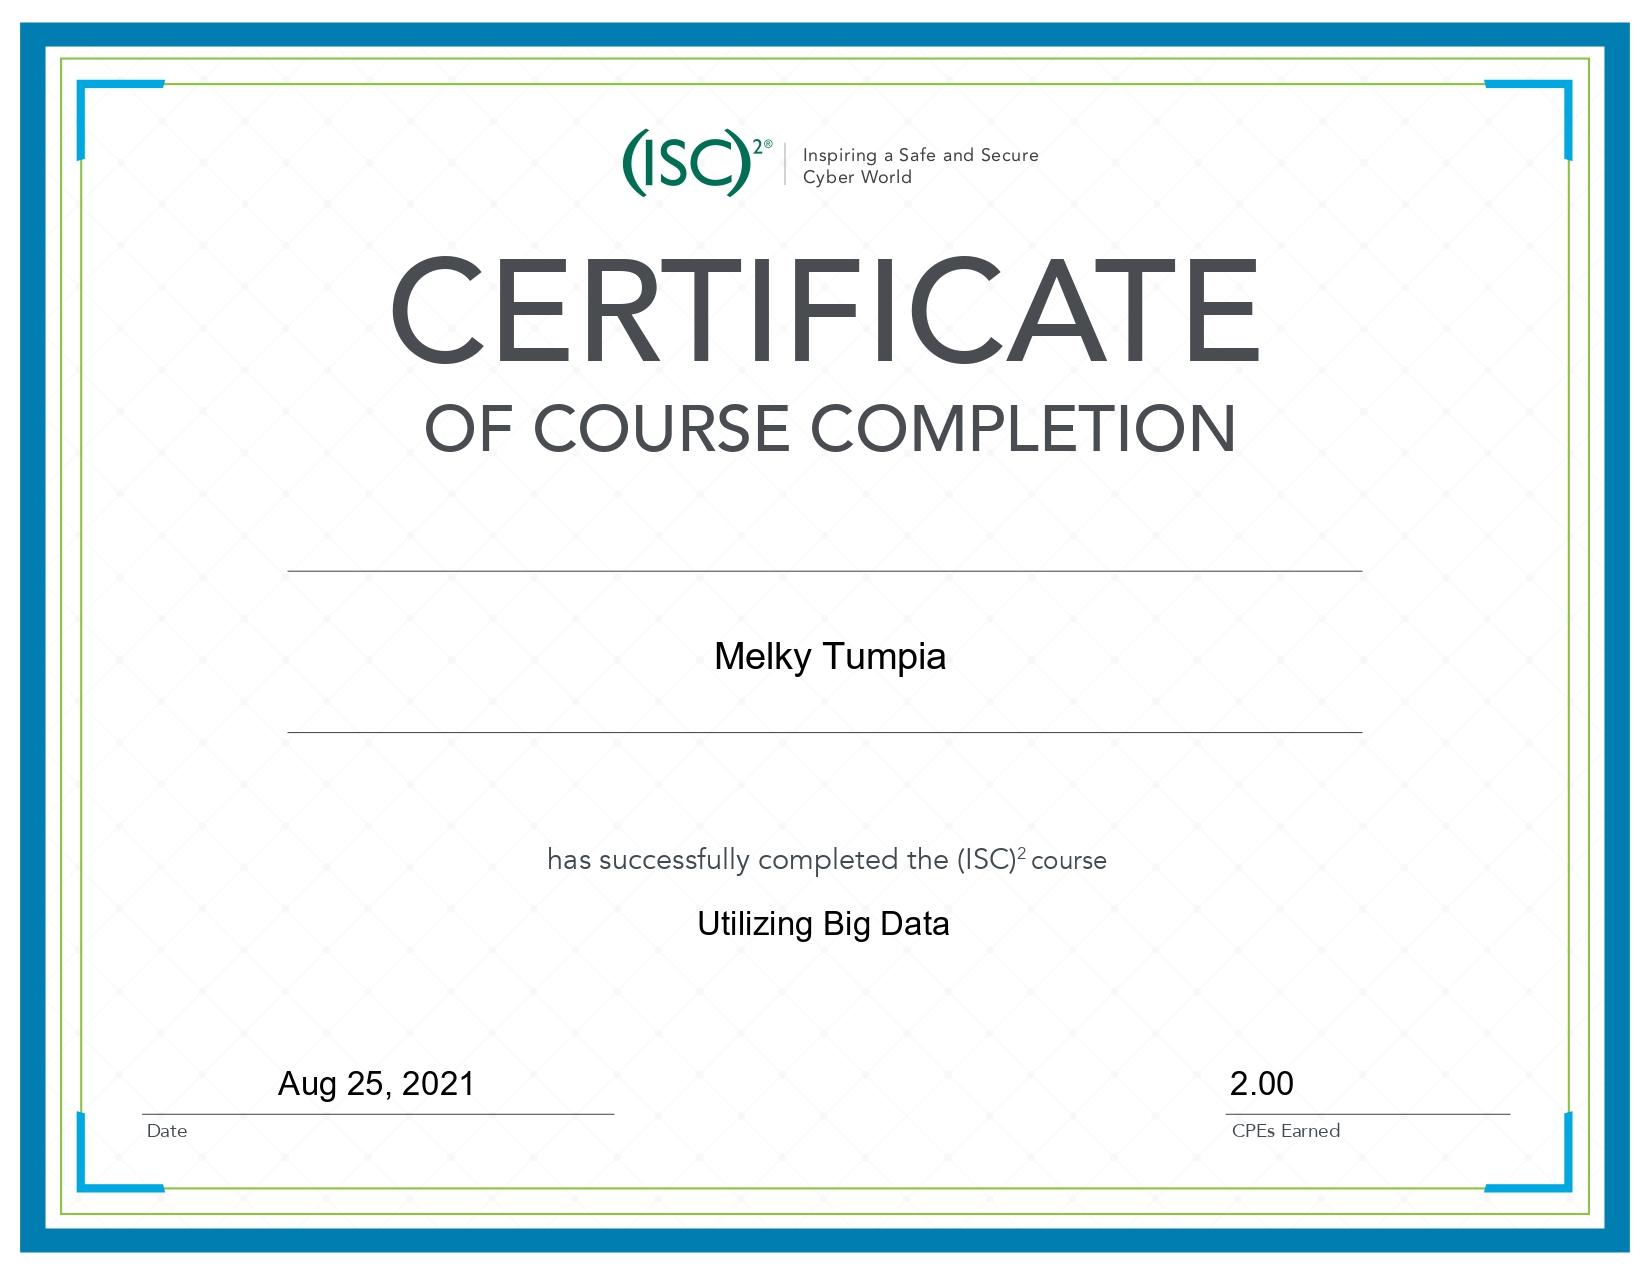 Utilizing Big Data - ISC² Certification